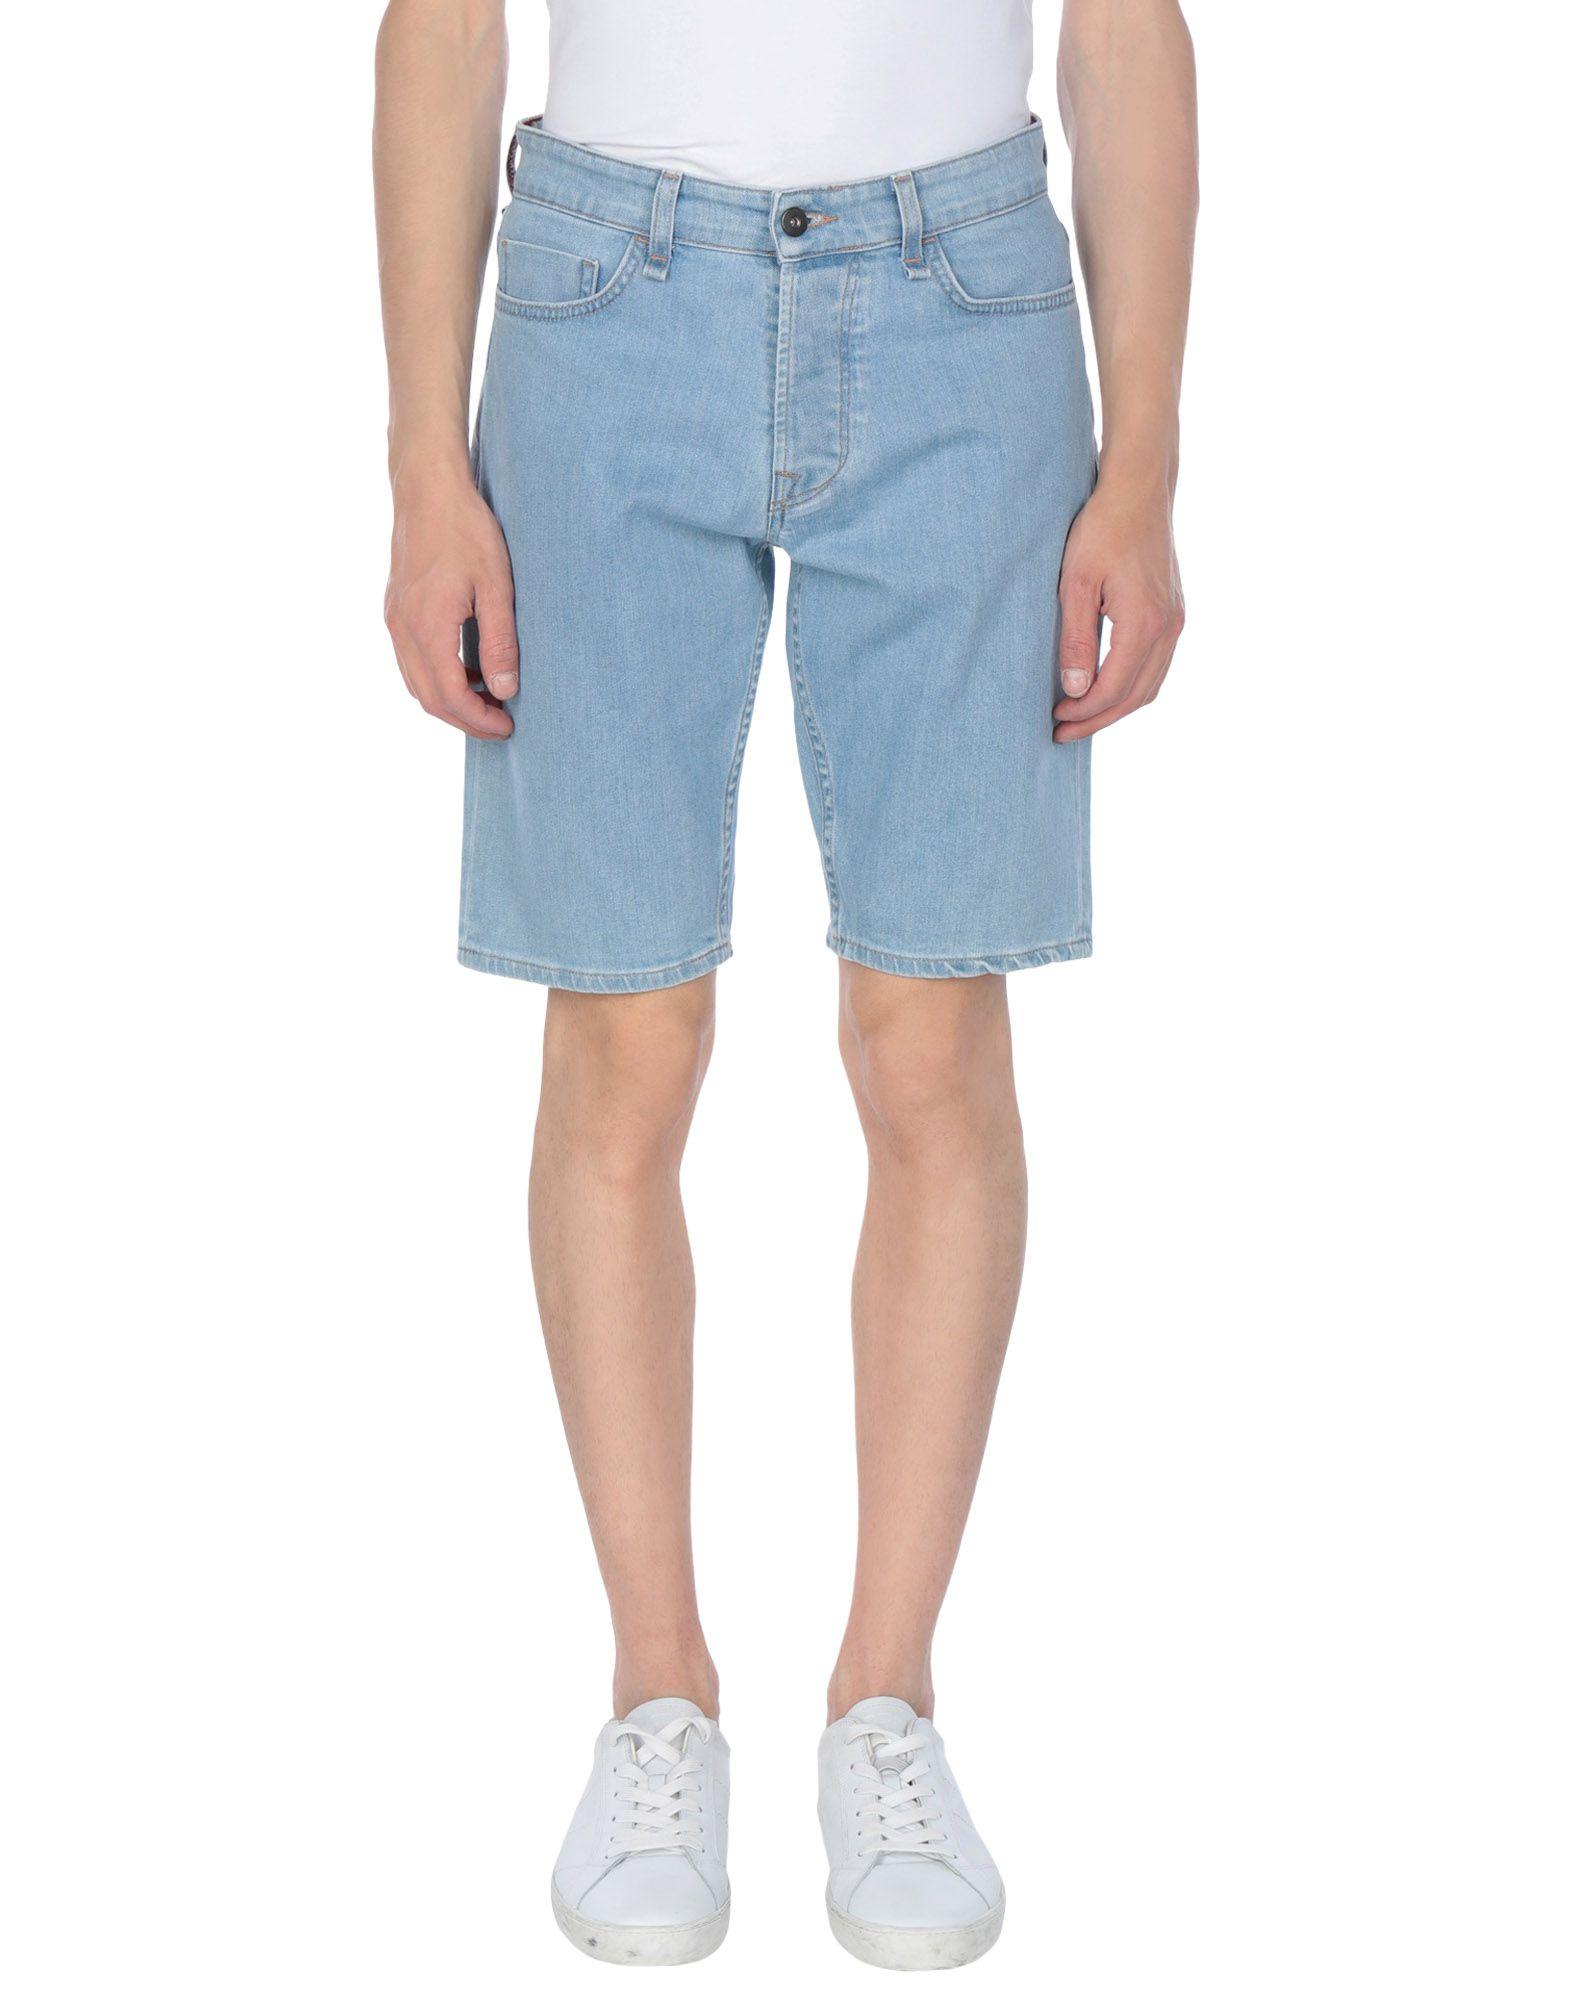 Shorts Jeans Jeans Homecore uomo - 42751164KC  wird dich zufrieden stellen